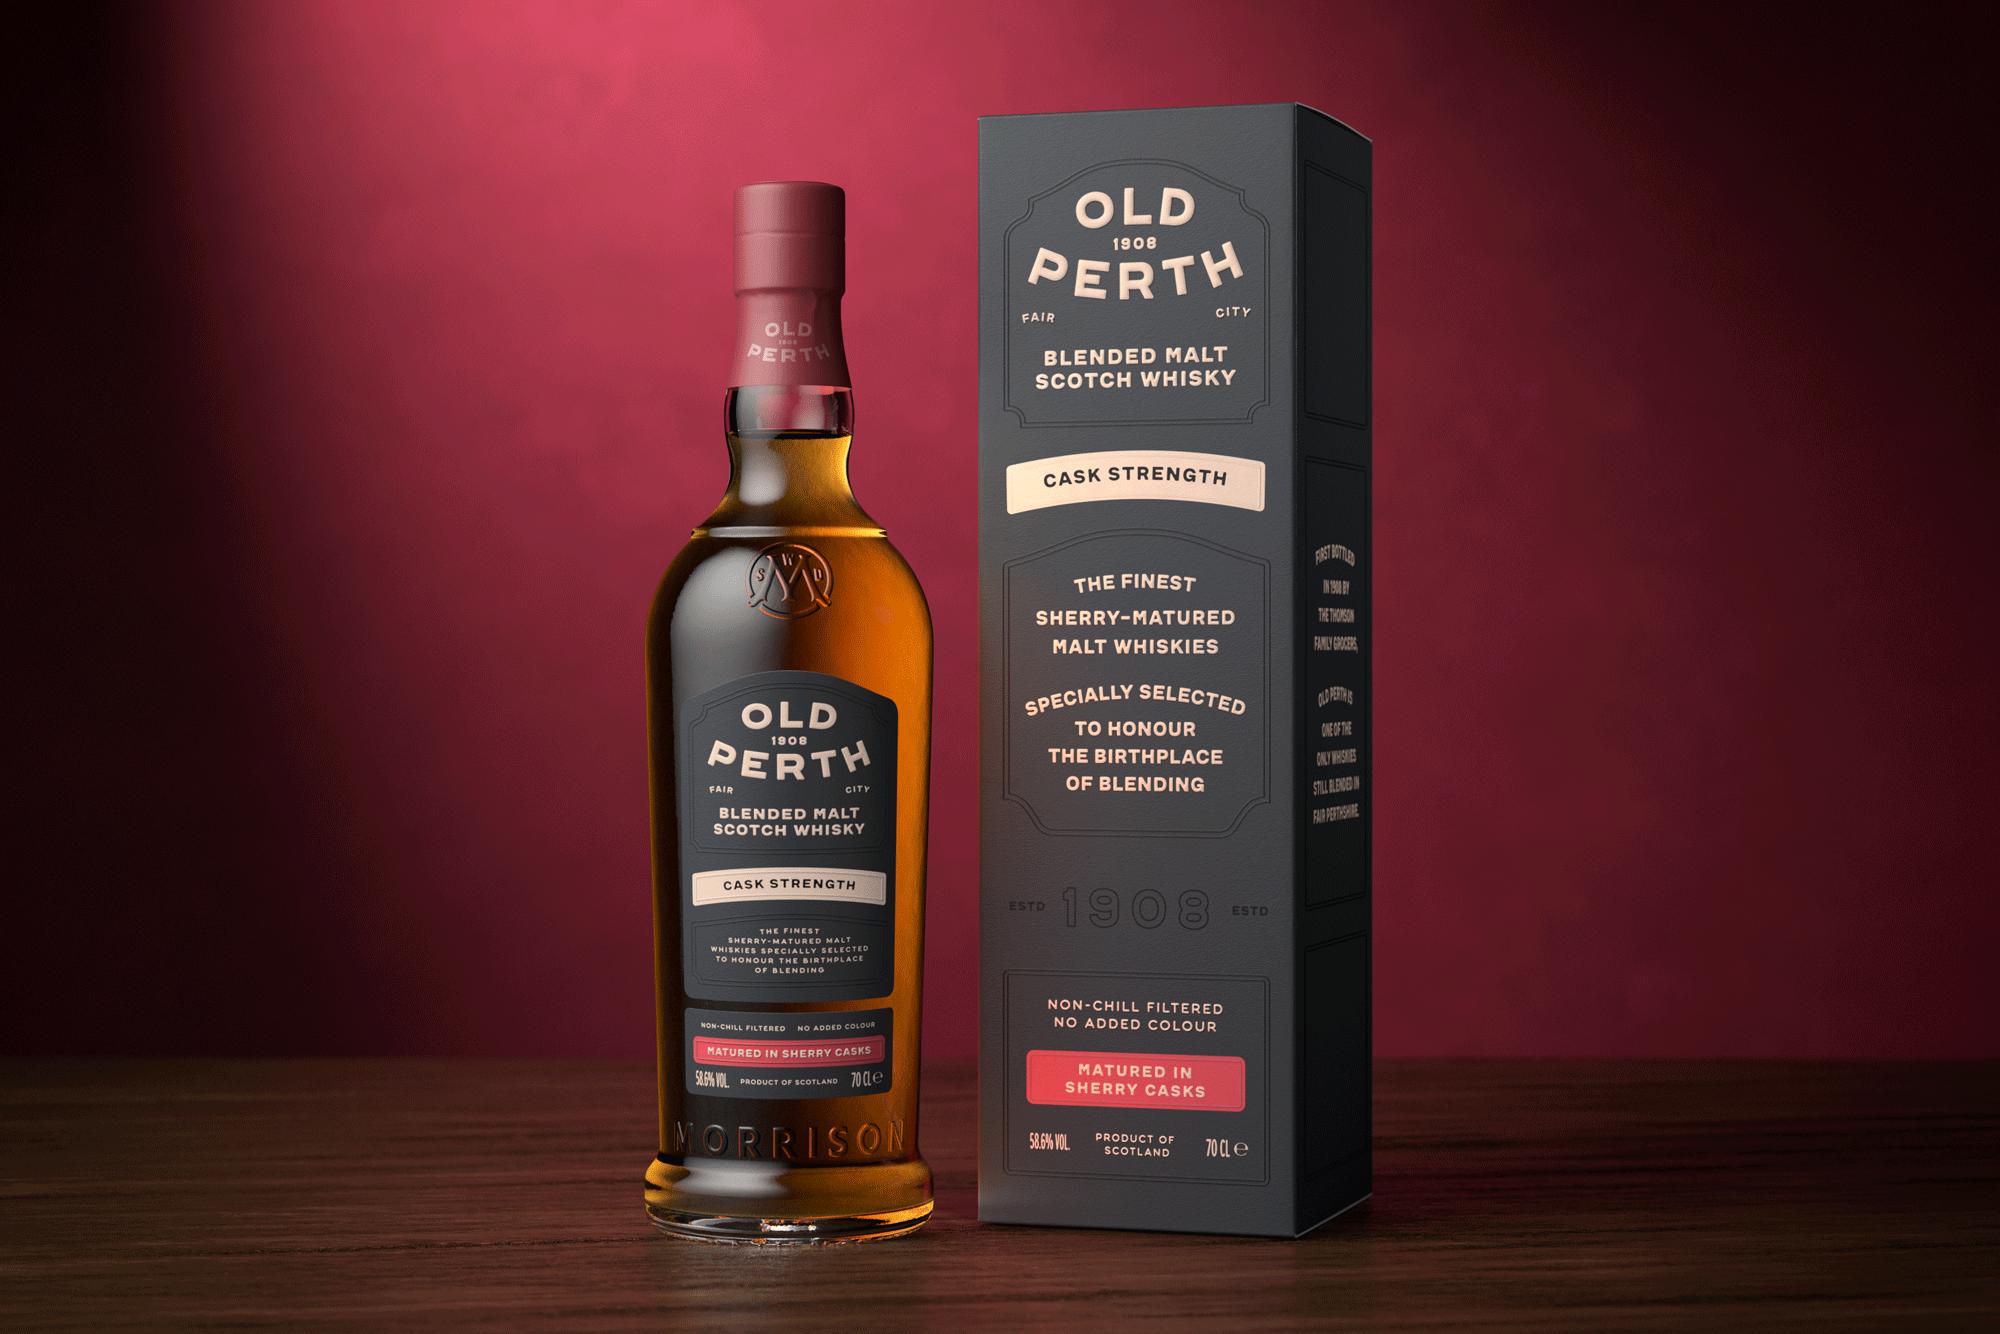 Old Perth – drugie życie wskrzeszonej marki